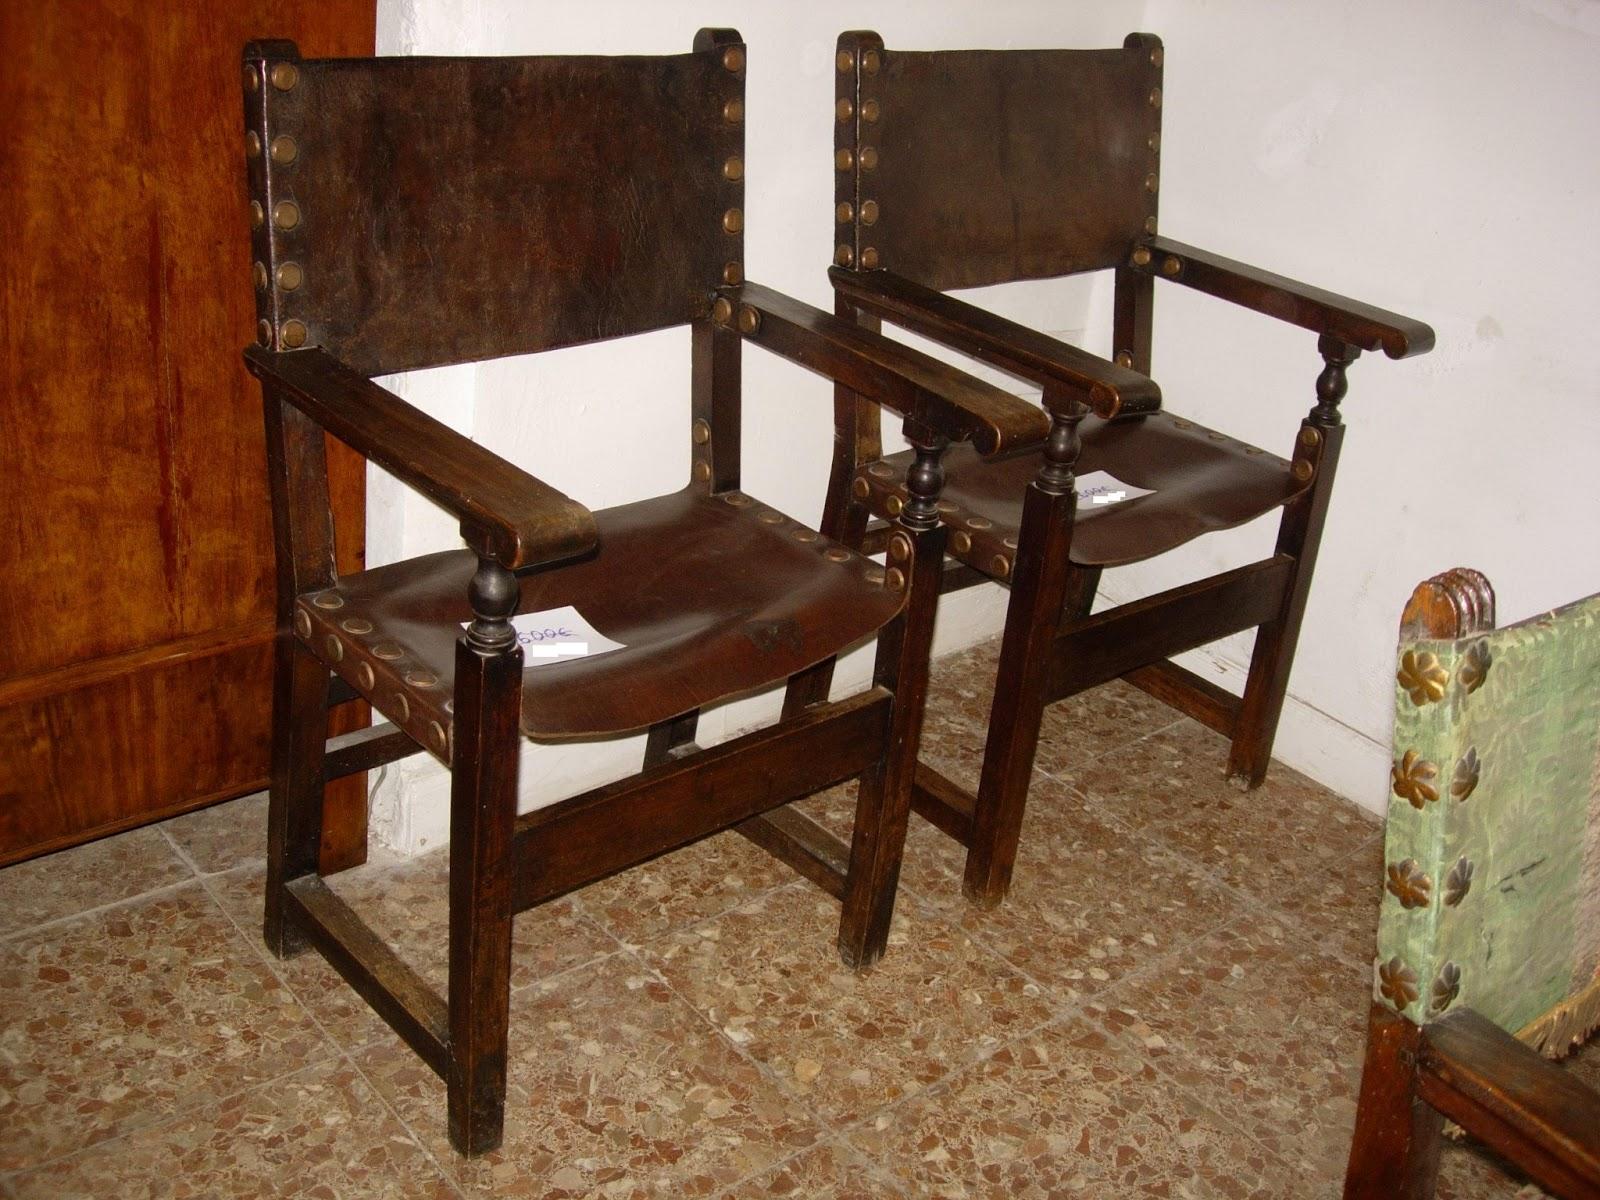 Antig edades fern ndez muebles mesas sillas - Muebles siglo xviii ...